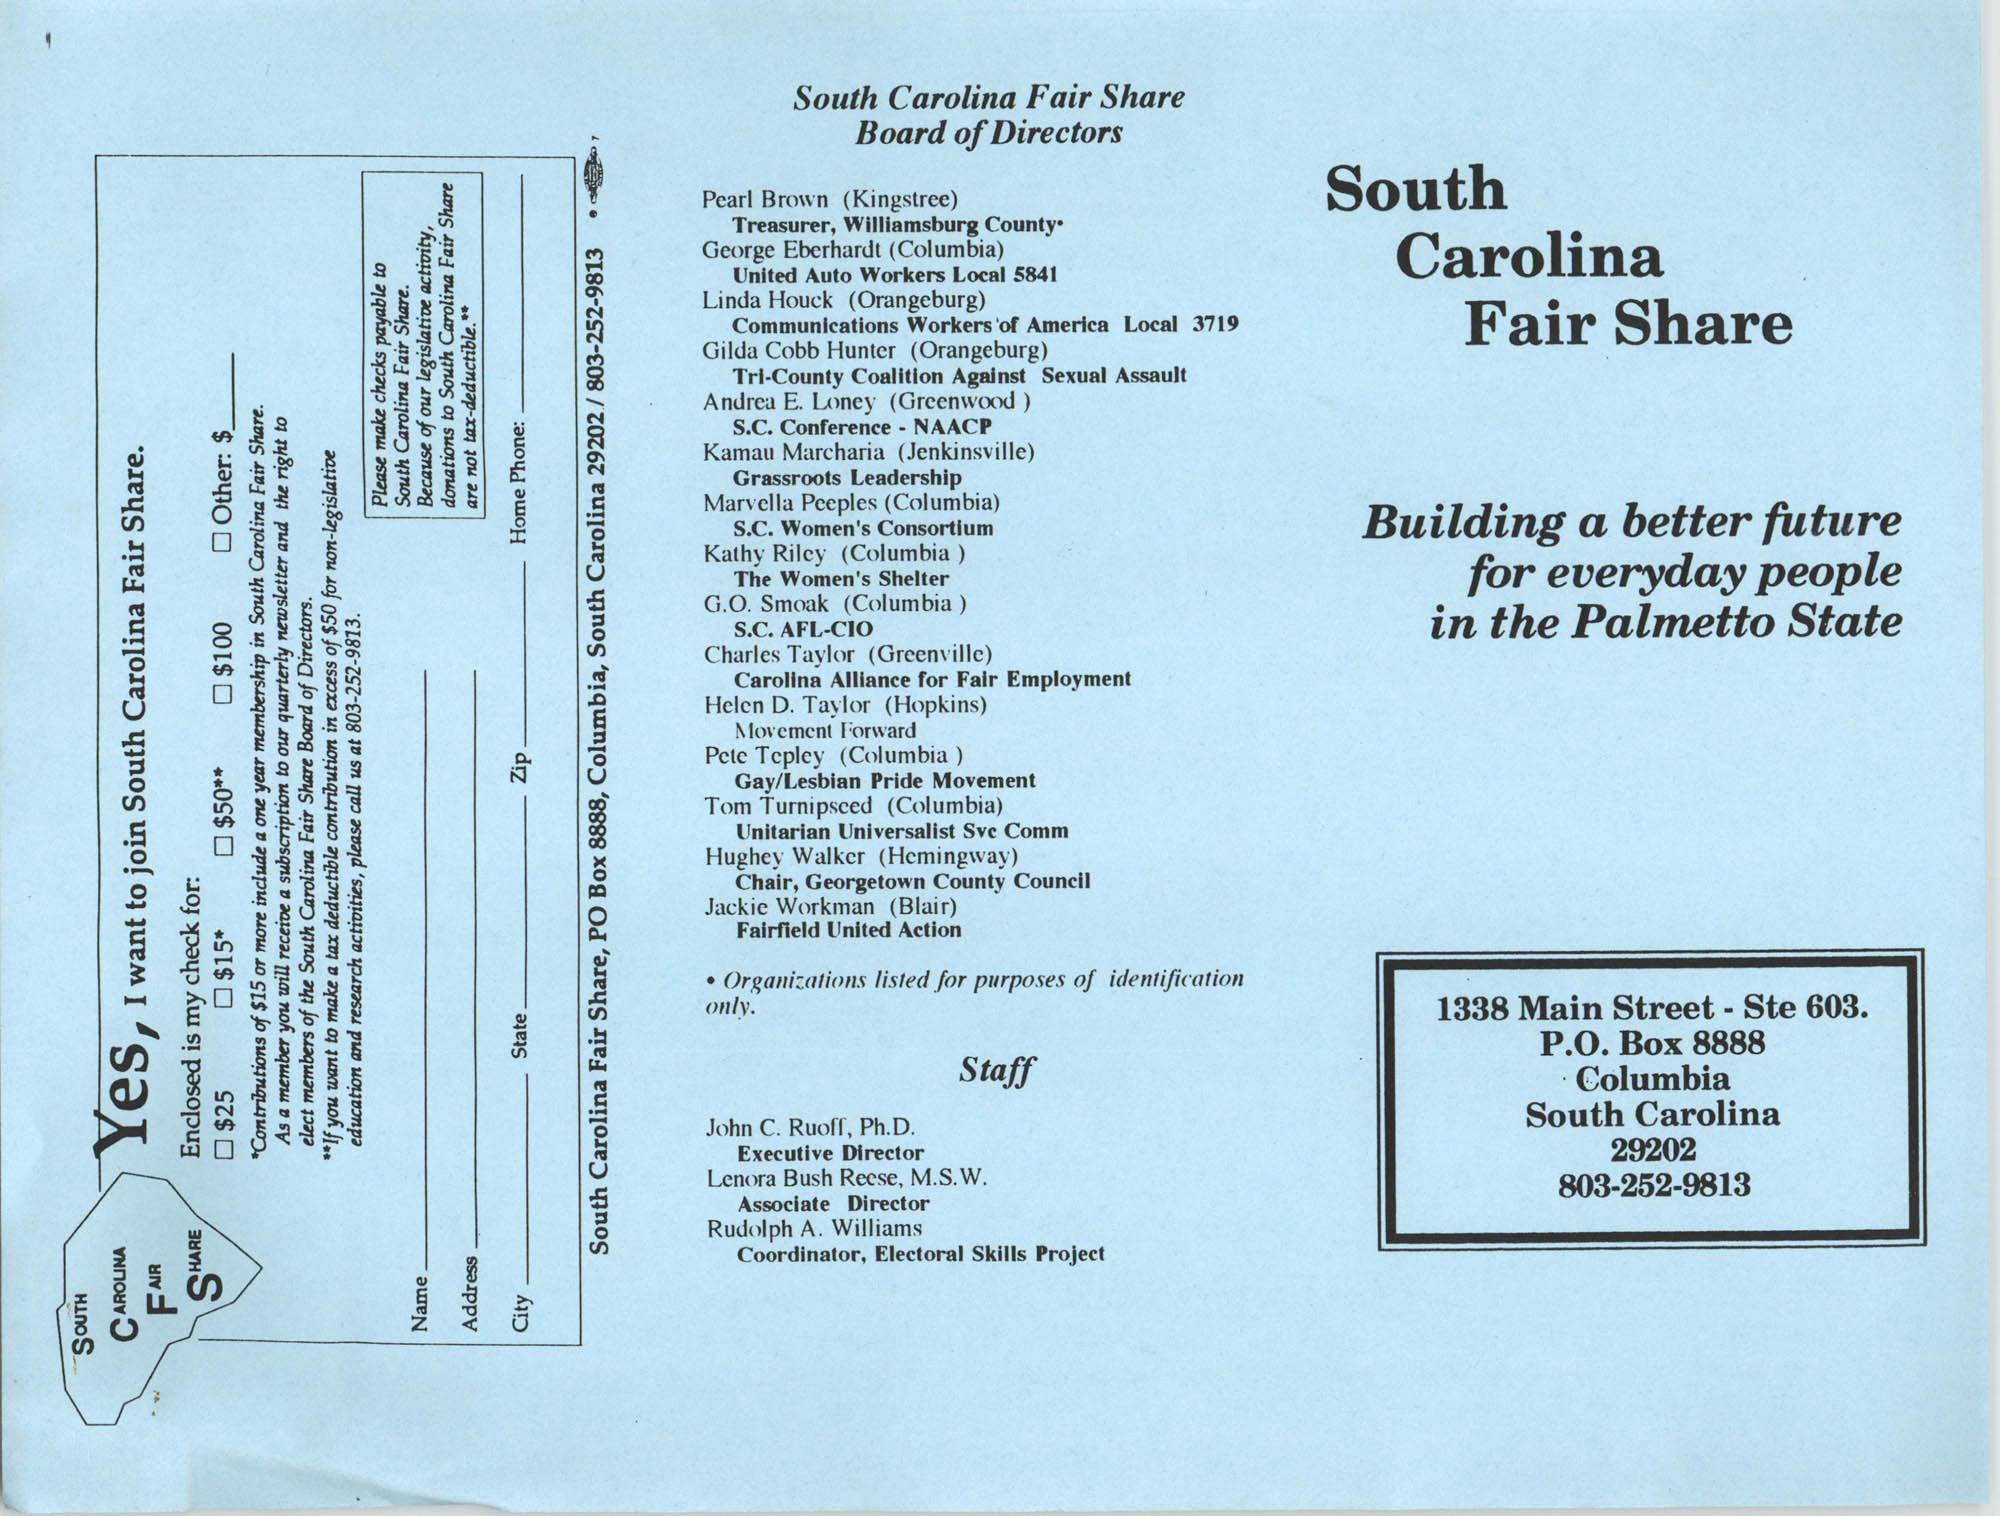 South Carolina Fair Share Pamphlet